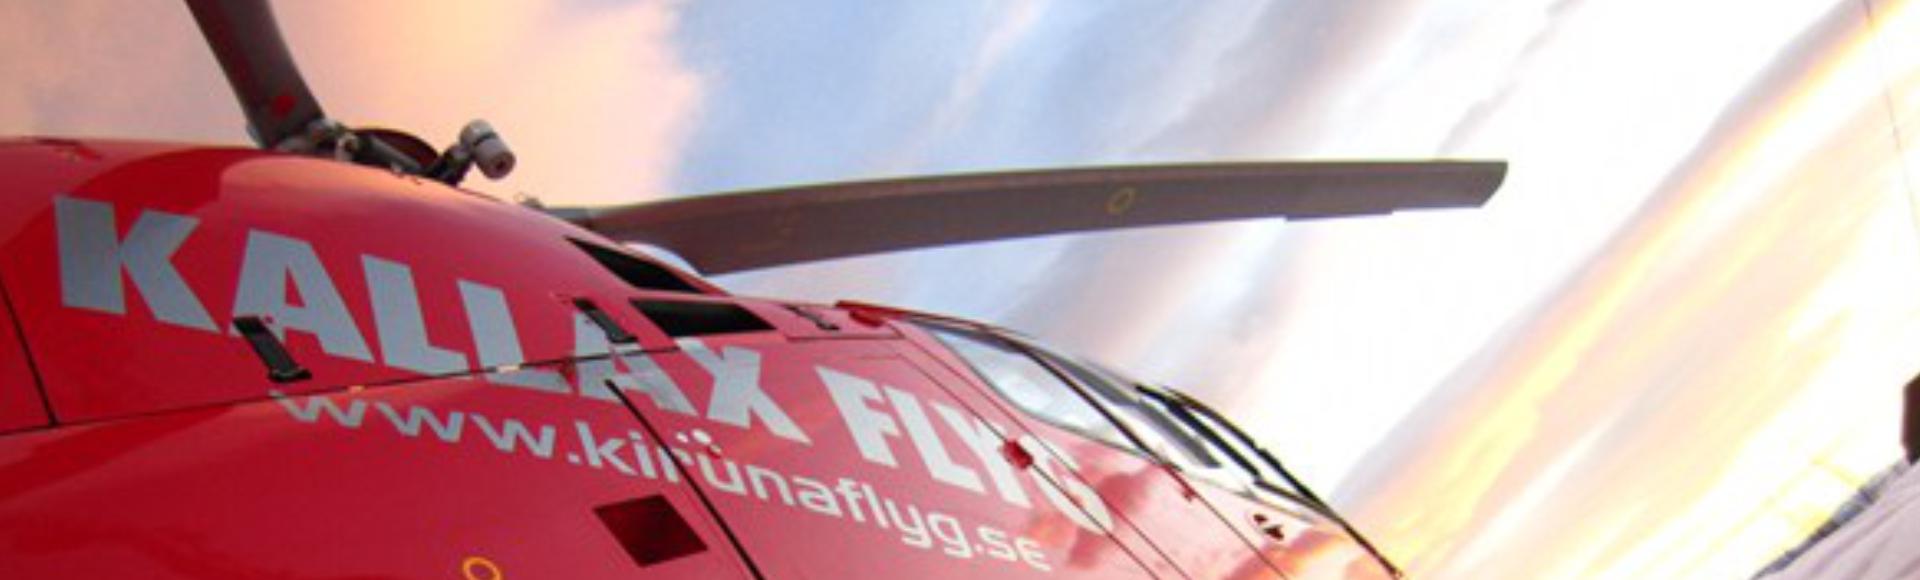 Flygande Reklam